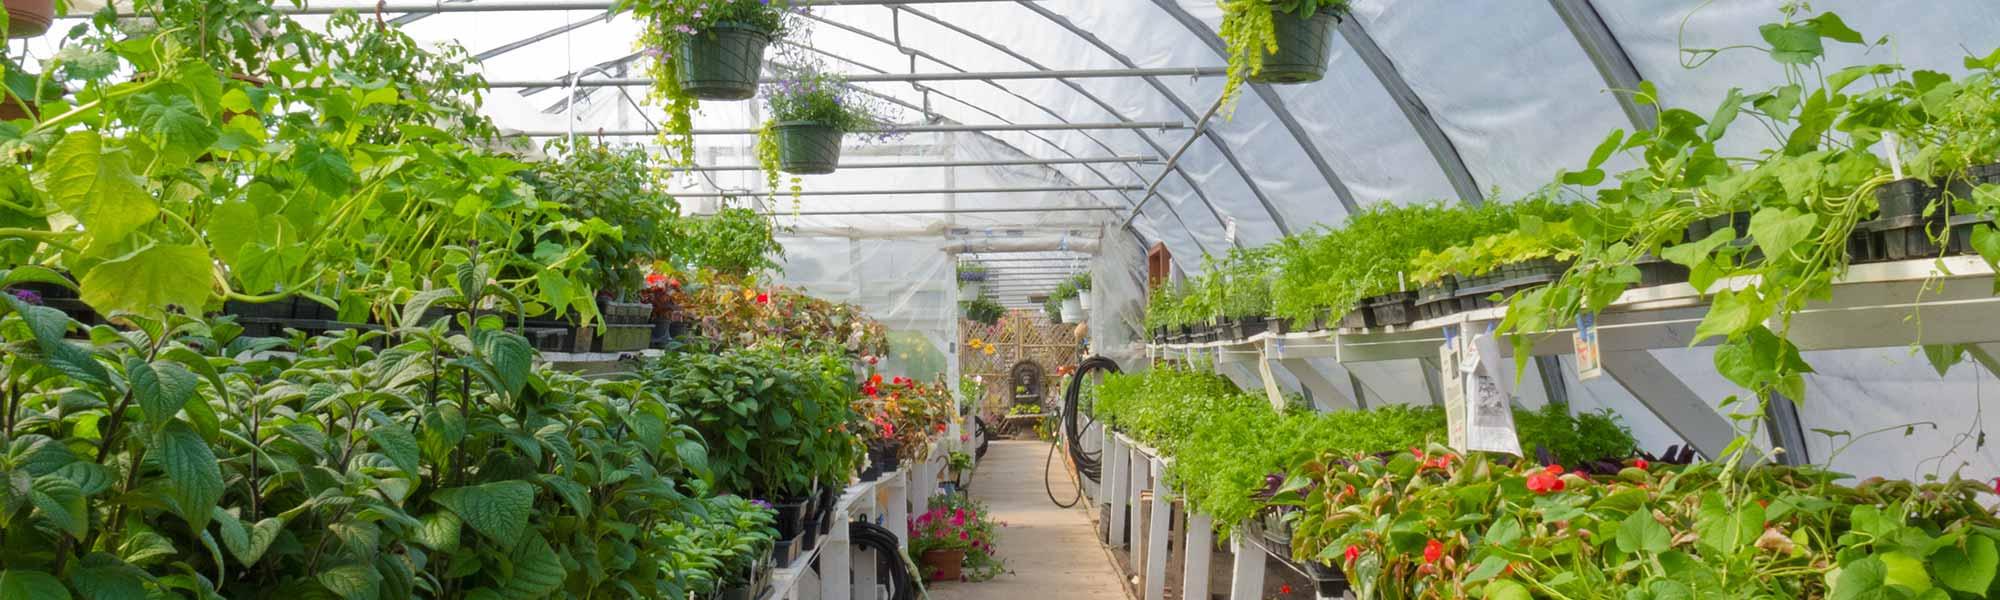 rural_garden_centres_2x6_79064623